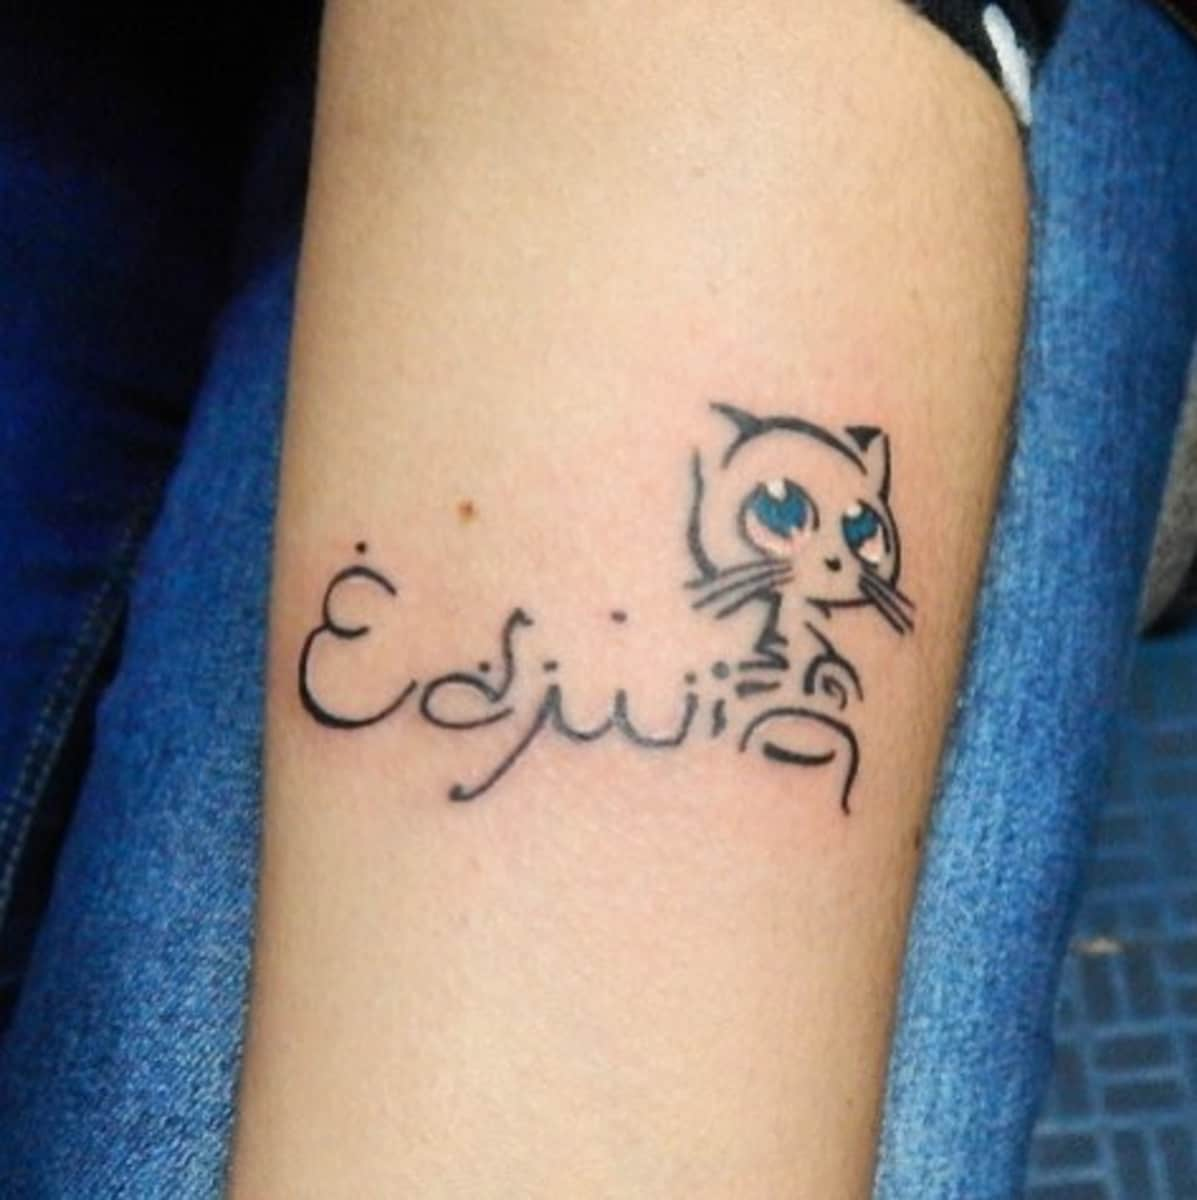 Tatuajes Bogota Unicentro tatuajes aru katari | tatuajes / piercings | prado veraniego | suba